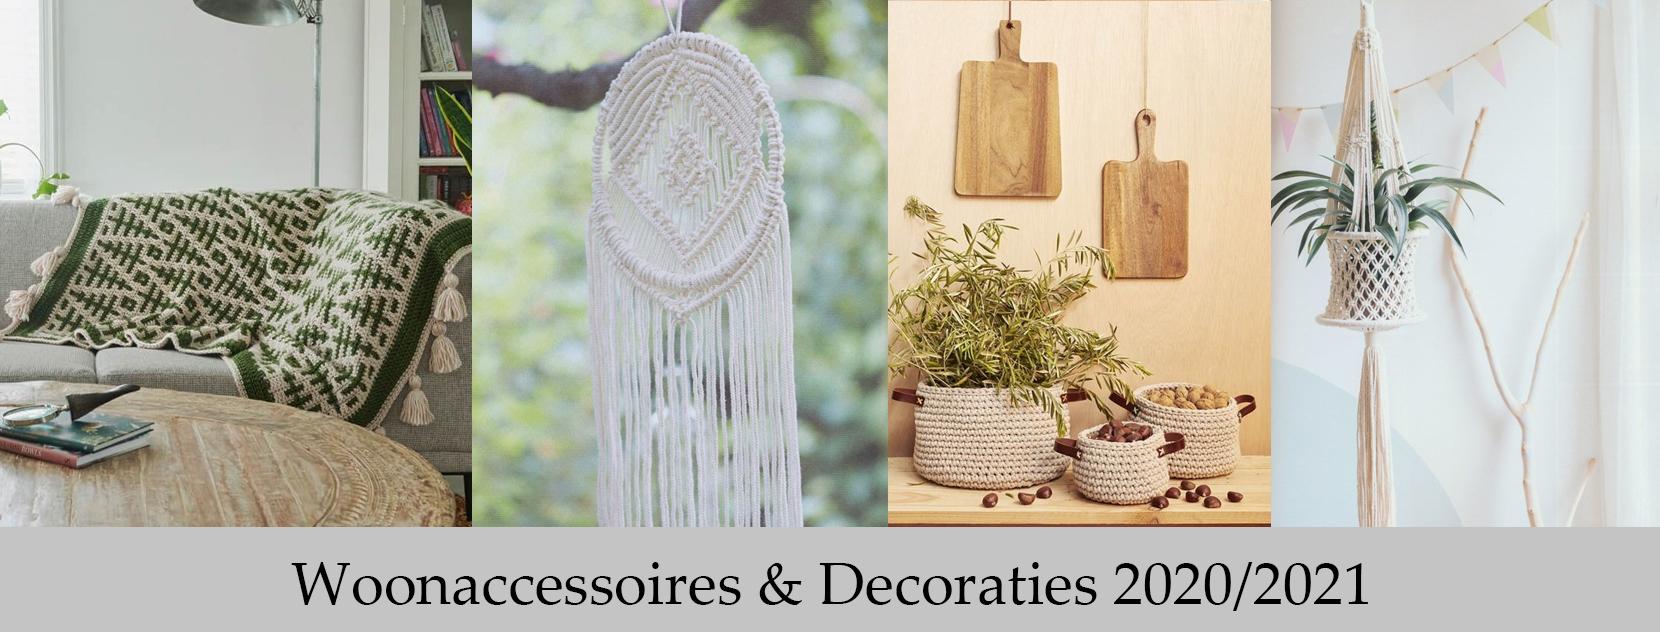 patronen Woondecoraties en Accessoires